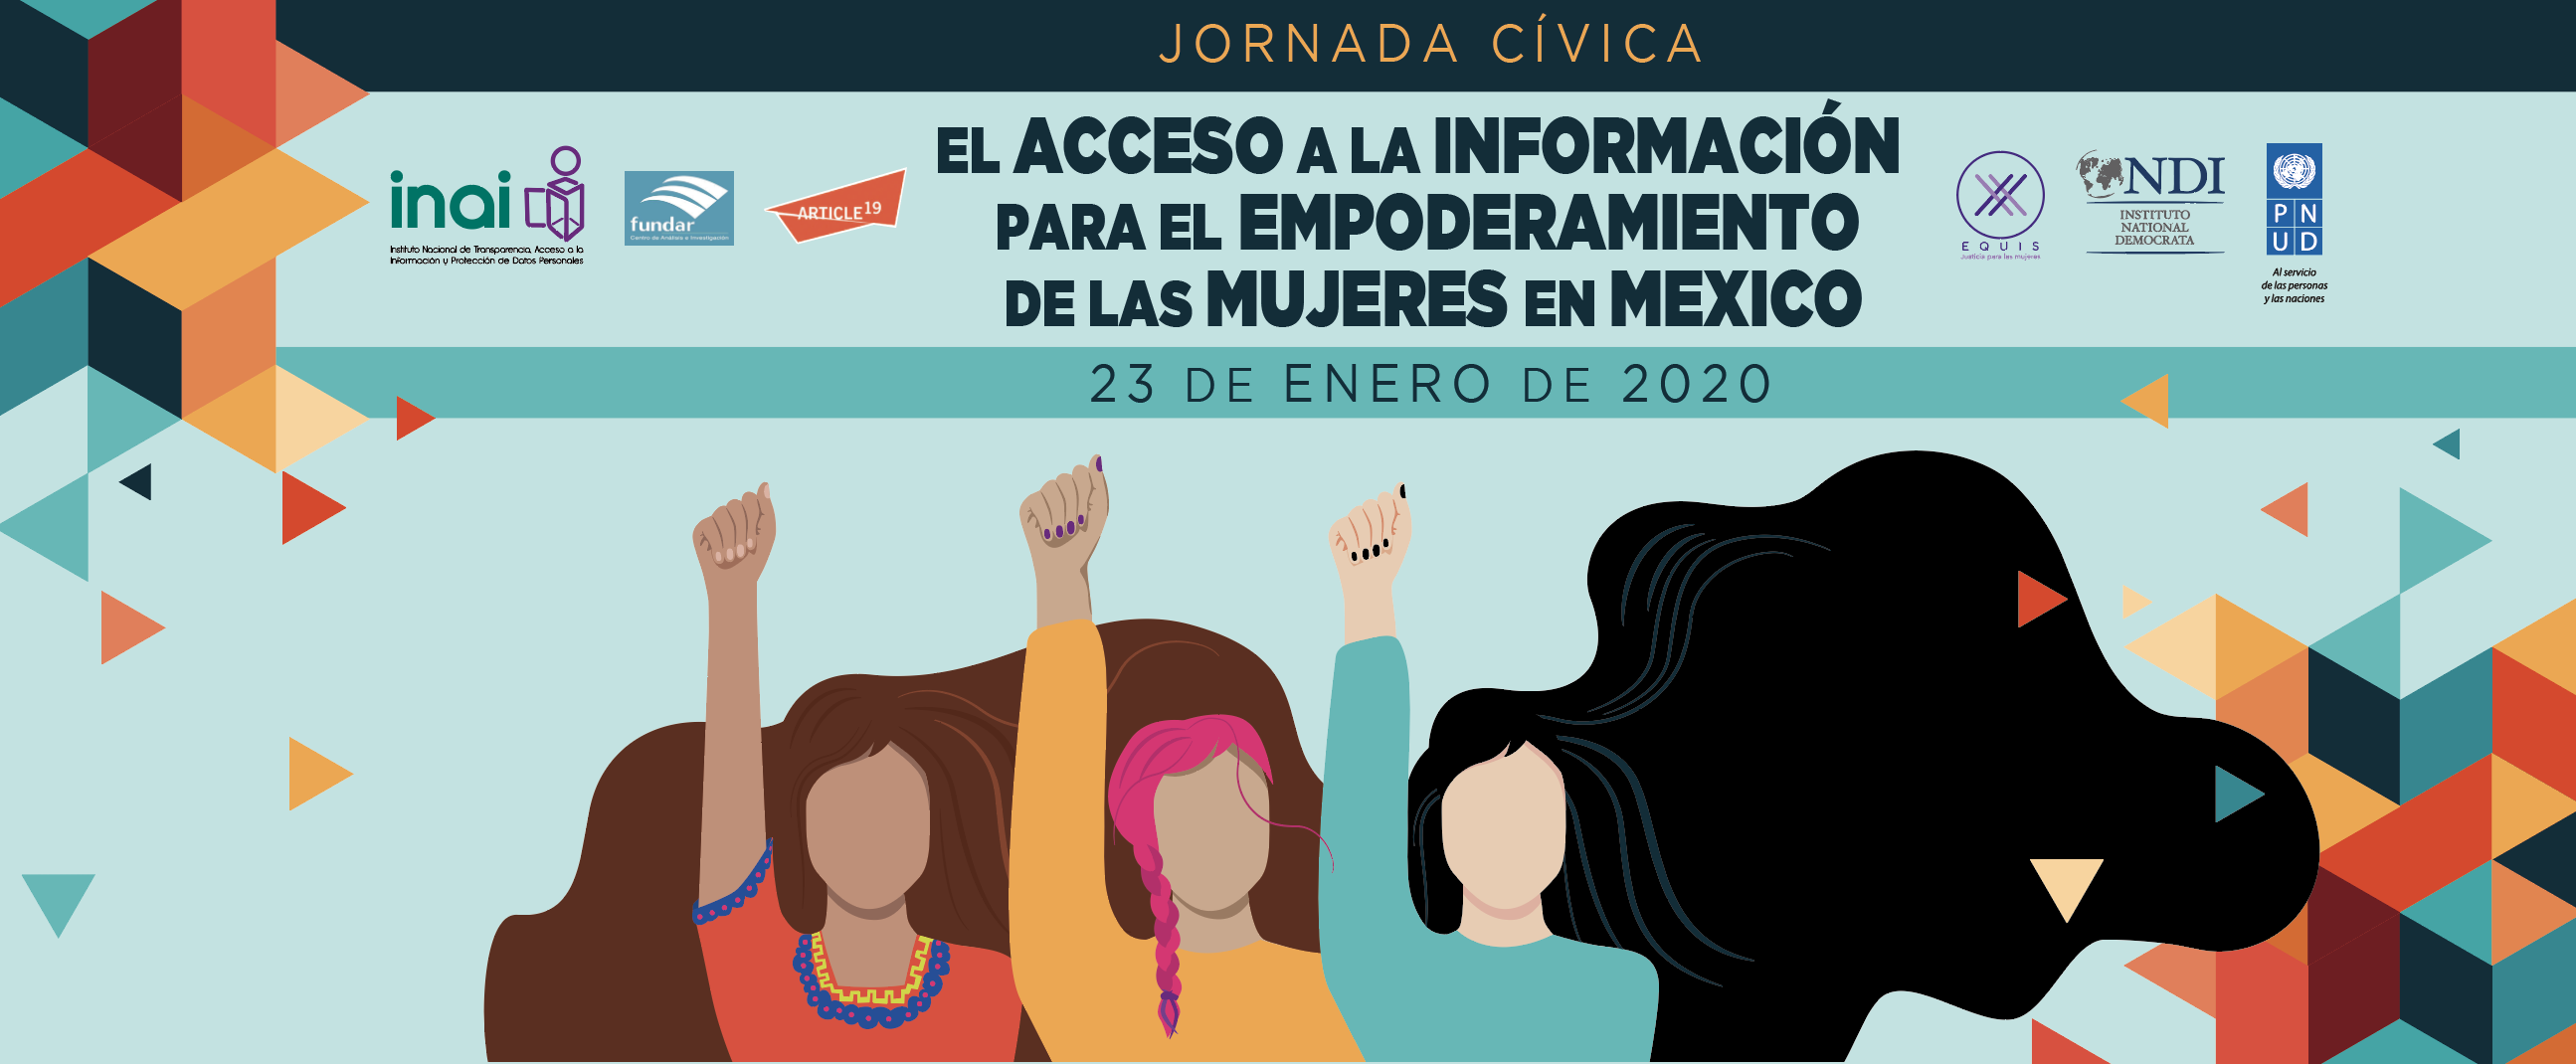 INAI :: Jornada Cívica Empoderamiento de Mujeres